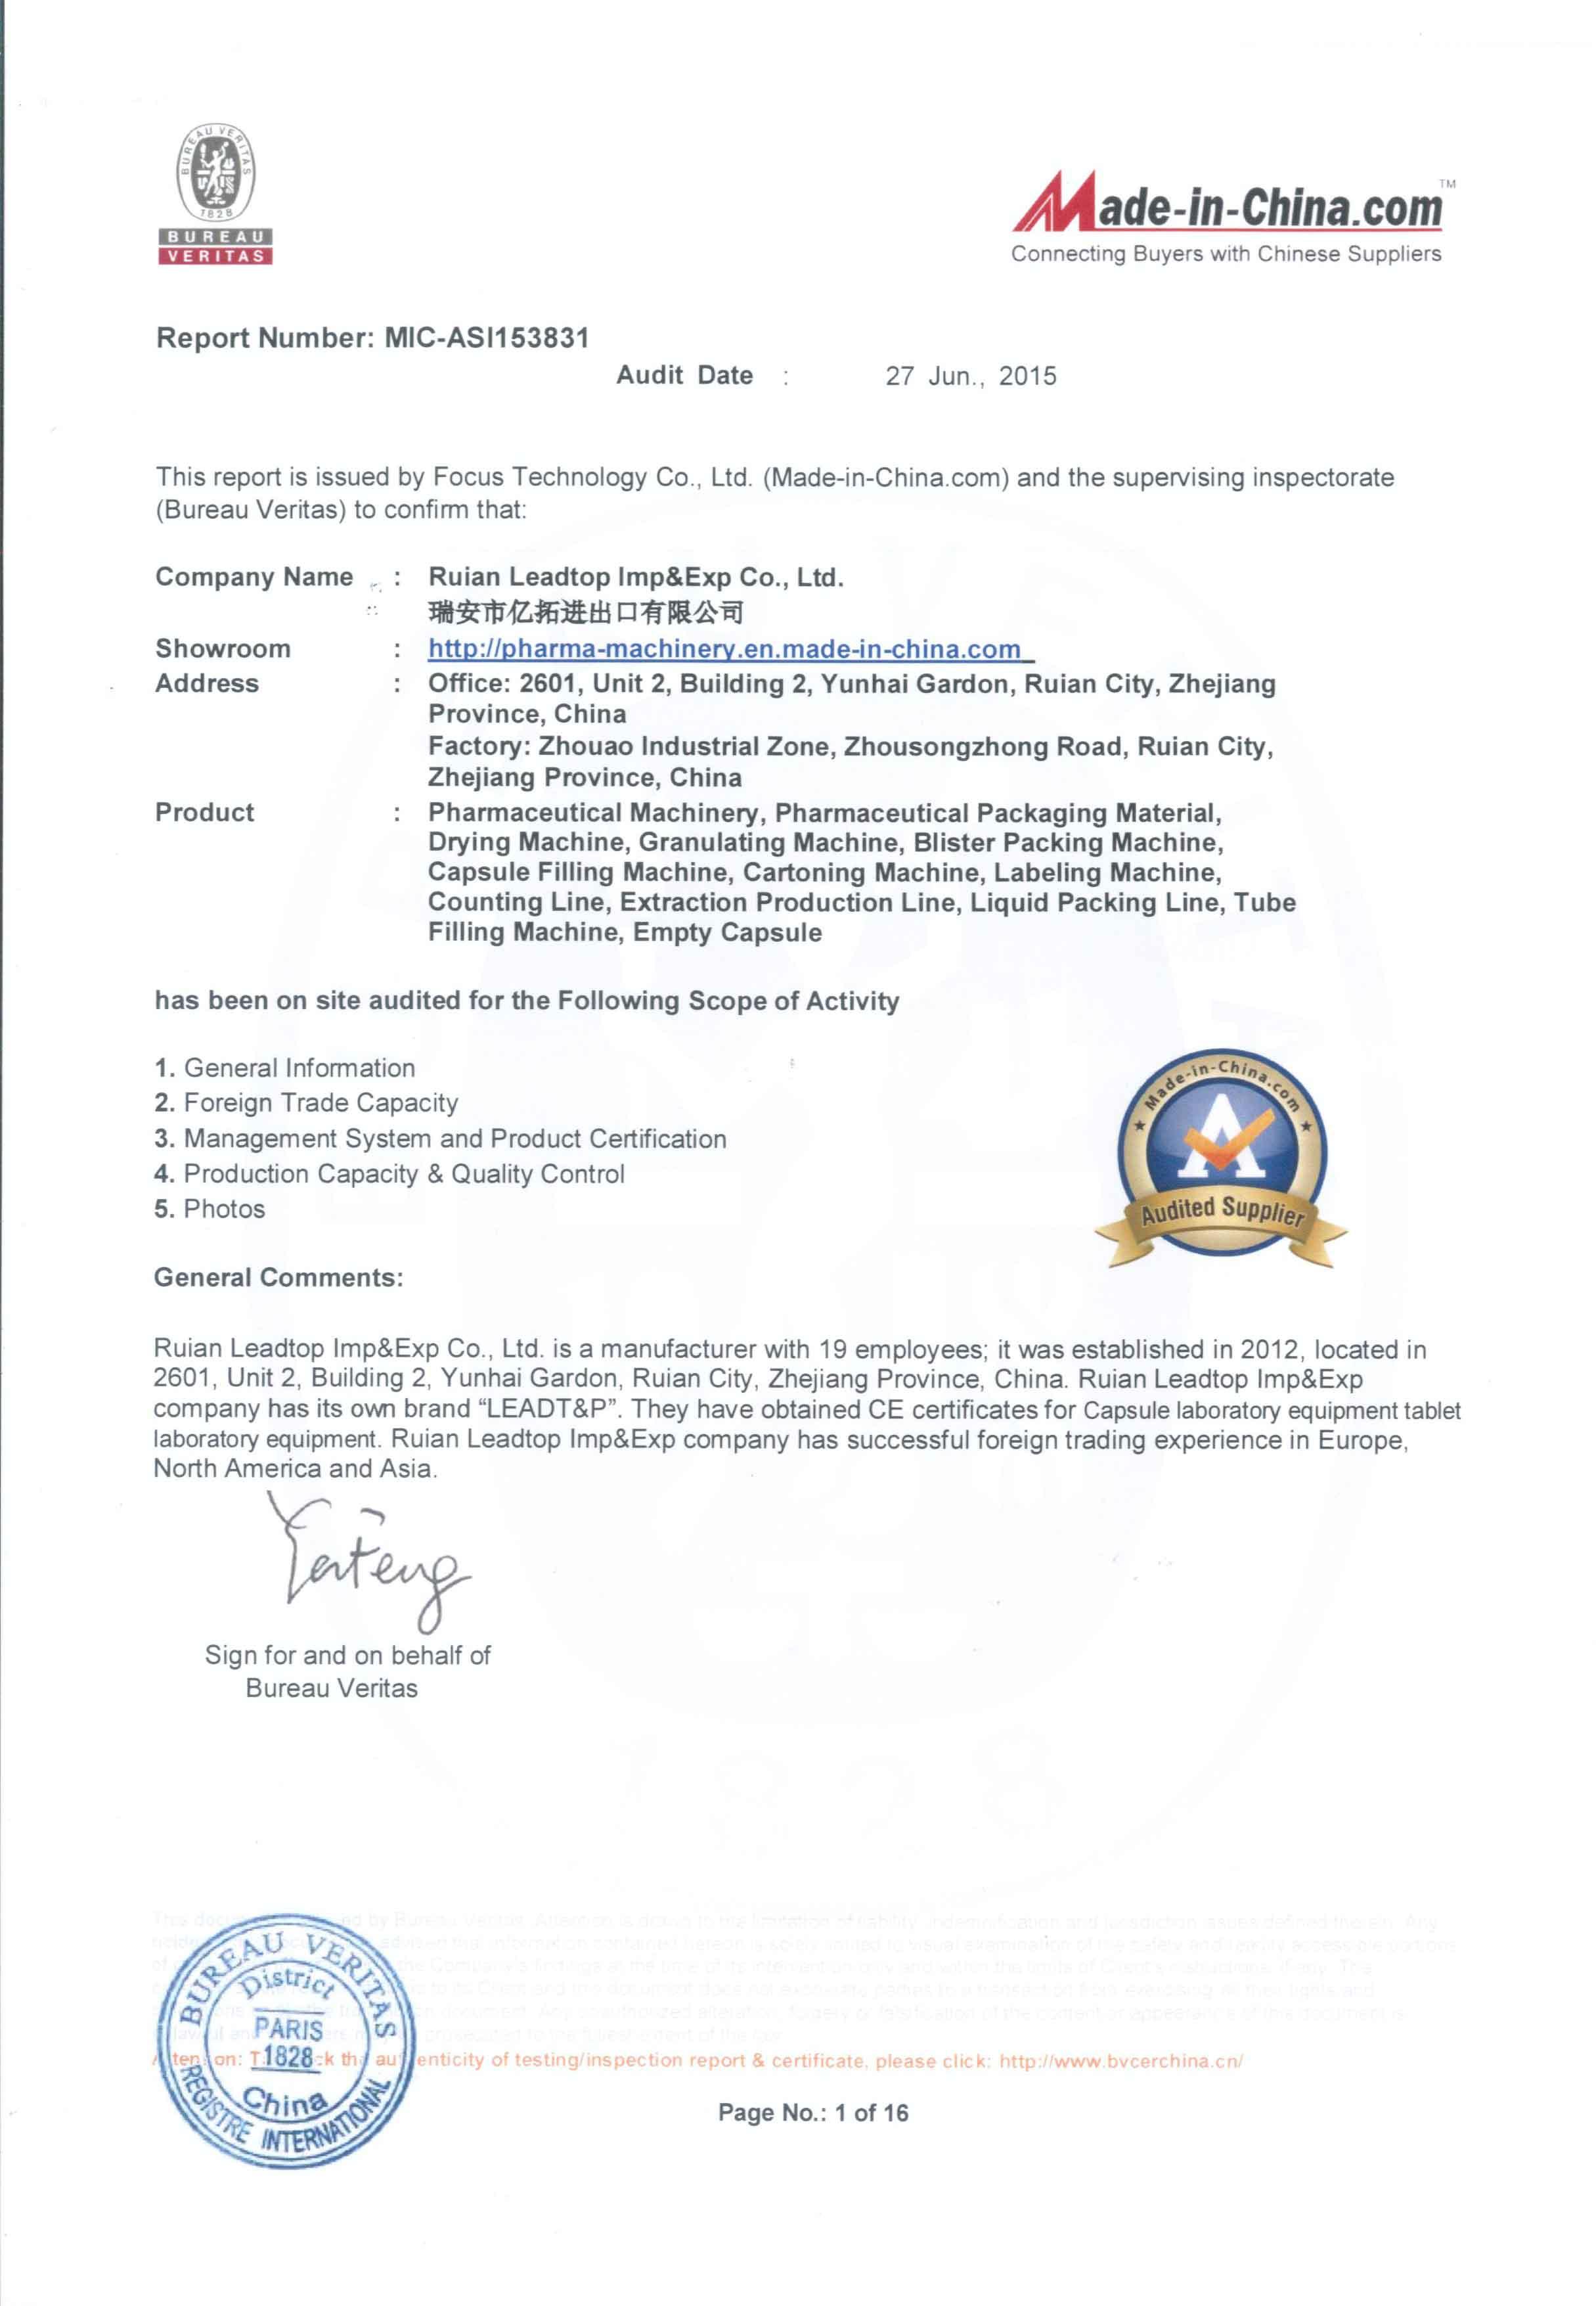 Bureau Veritas Certificate of Ruian Leadtop Imp&Exp Co.,Ltd.